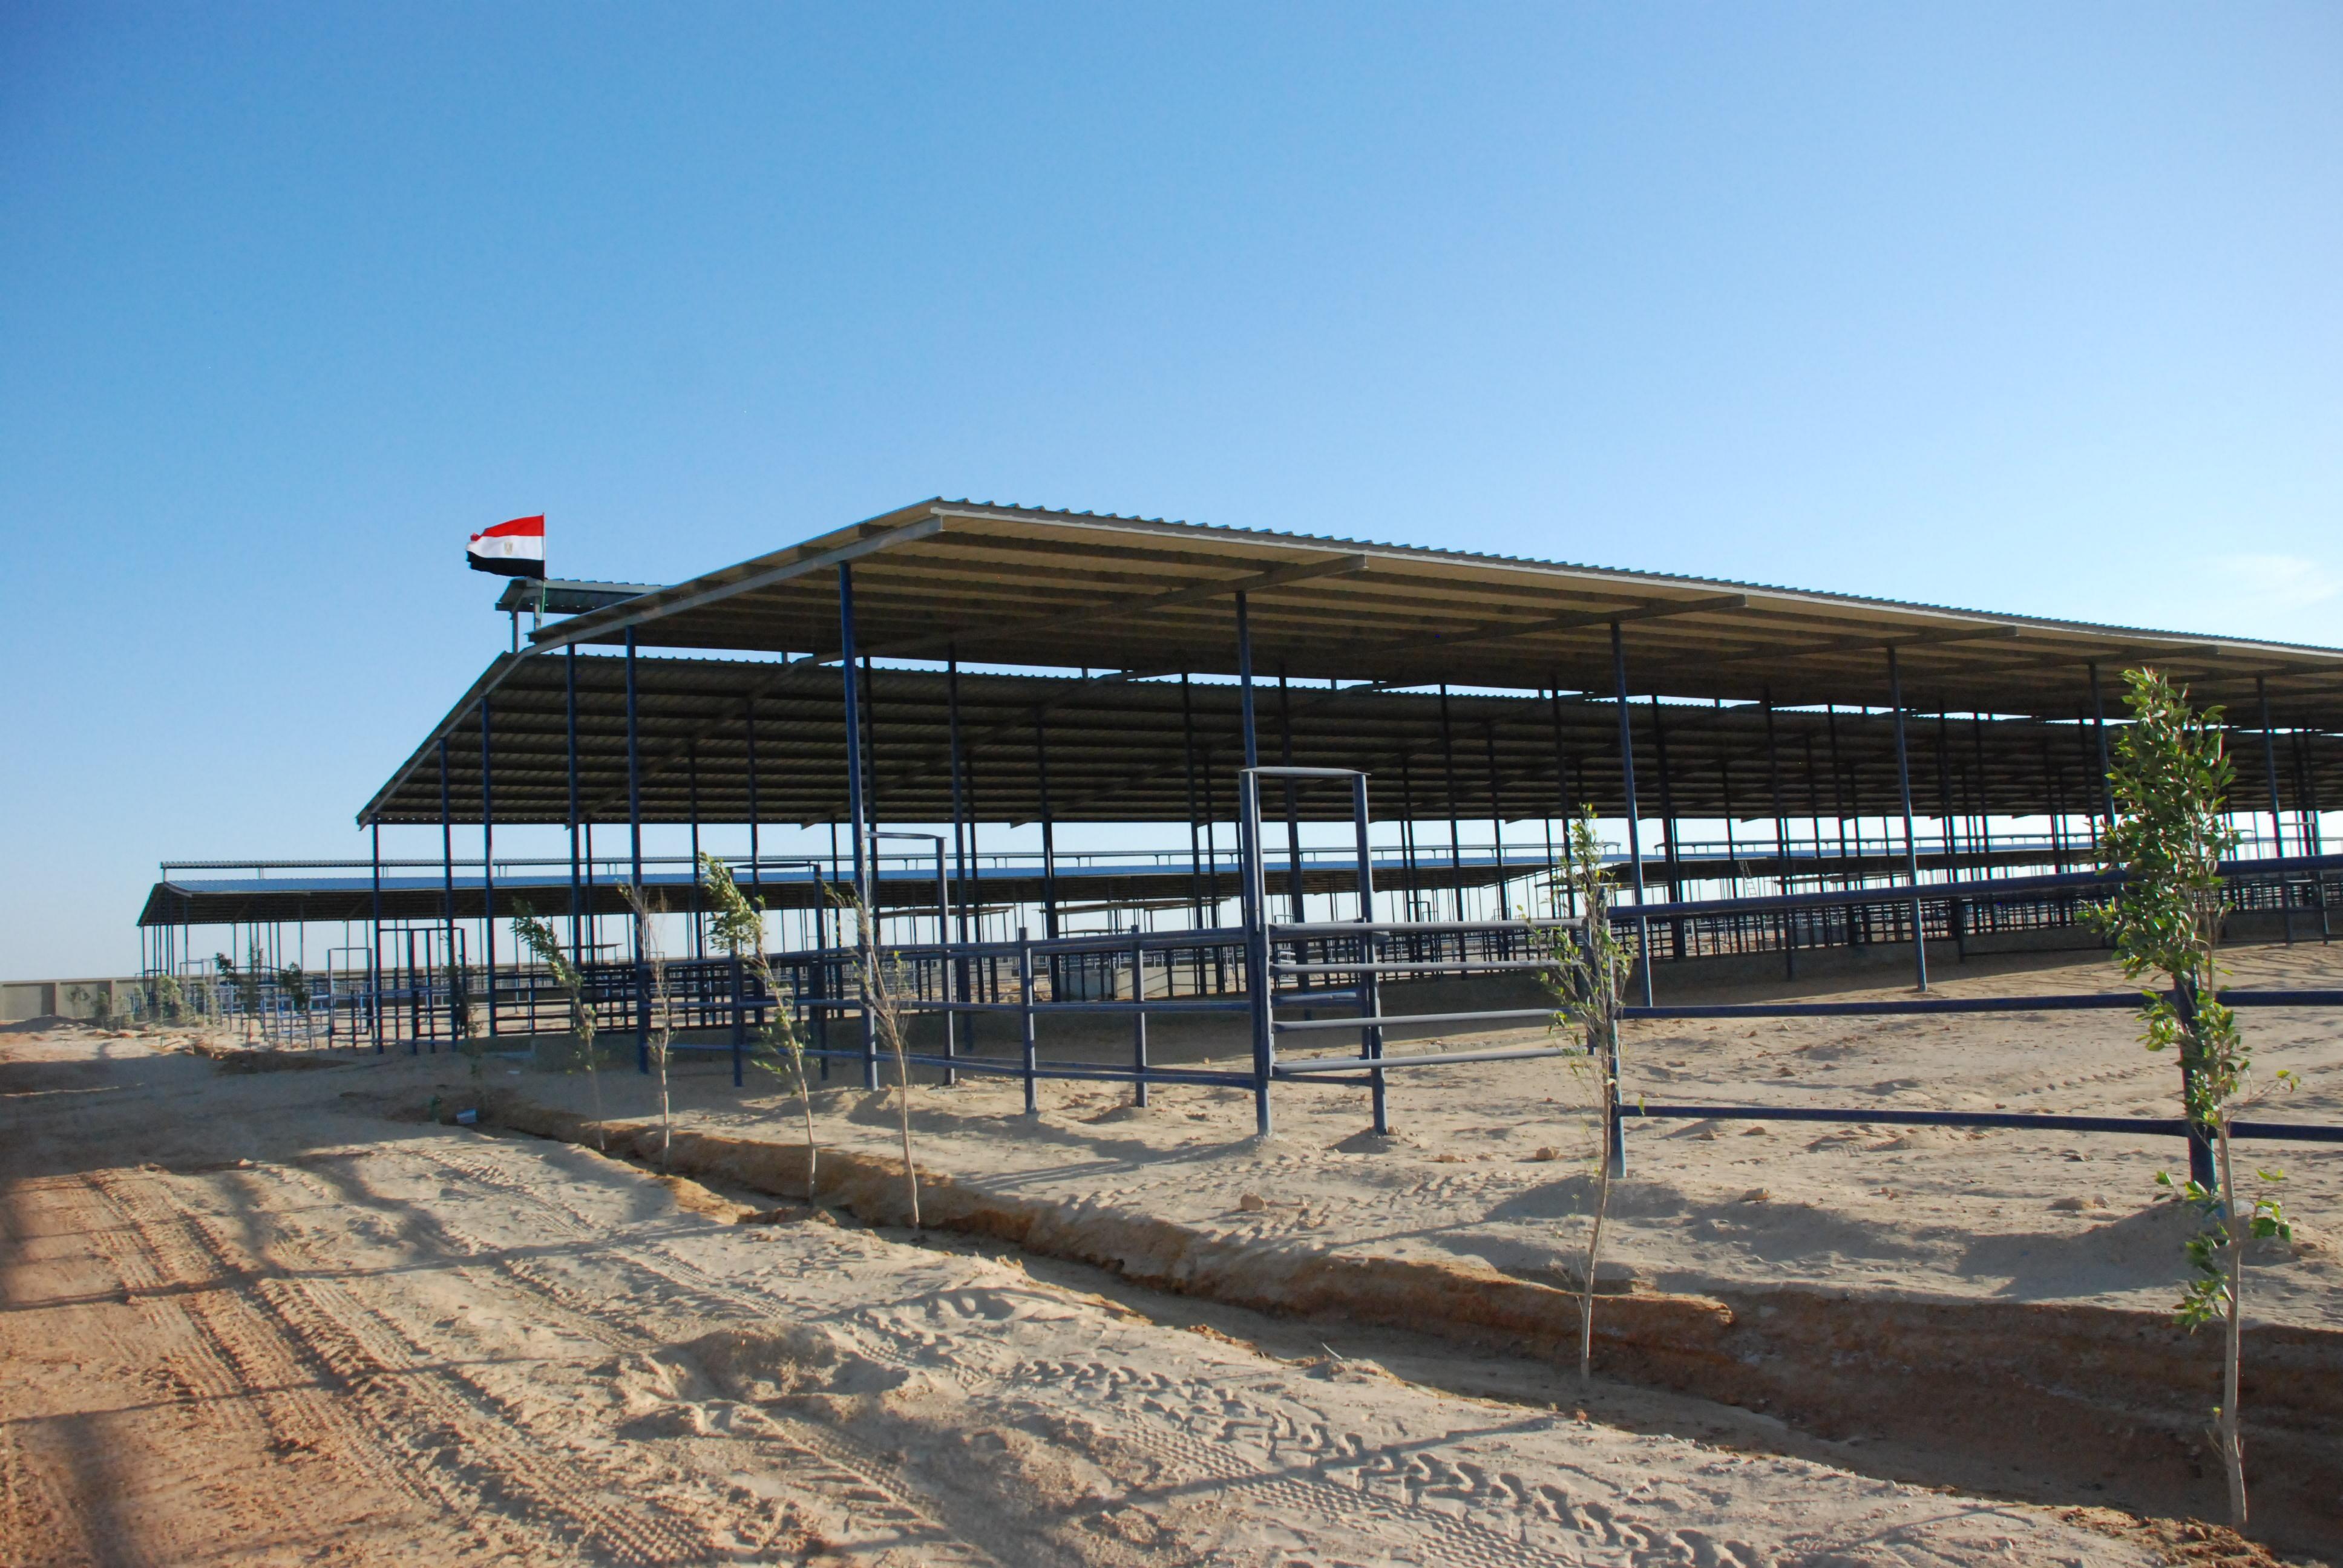 المرحلة الأولى من مشروع الـ20 ألف فدان بغرب غرب المنيا  (6)